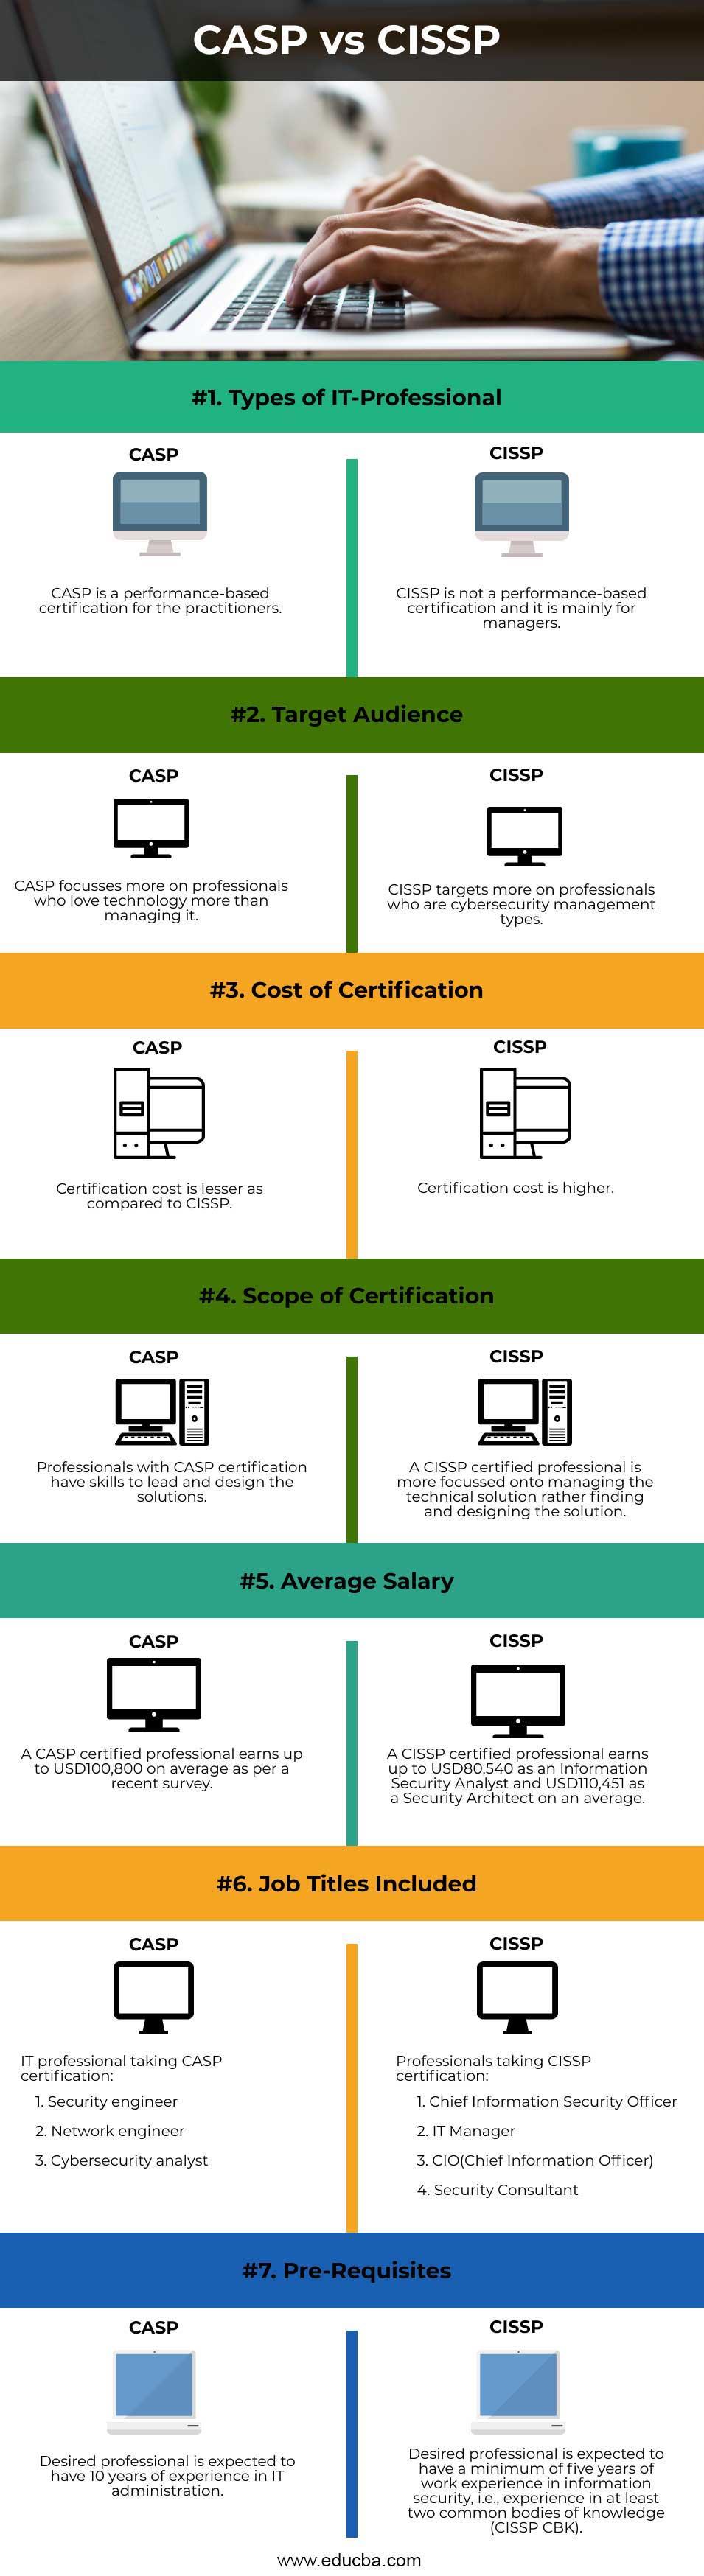 CASP-vs-CISSP-info